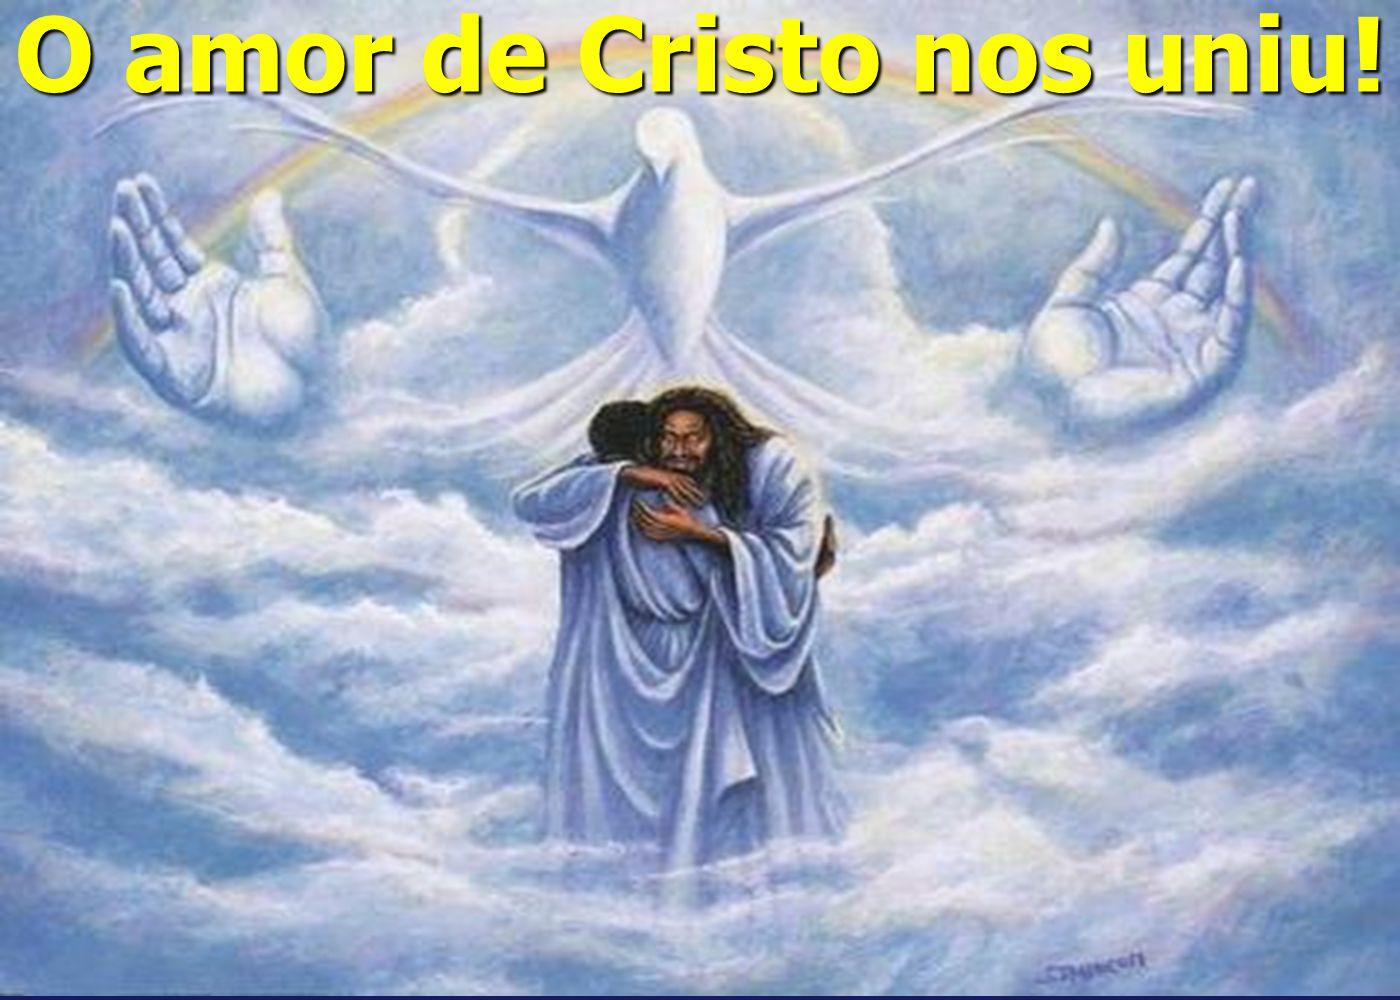 O amor de Cristo nos uniu!